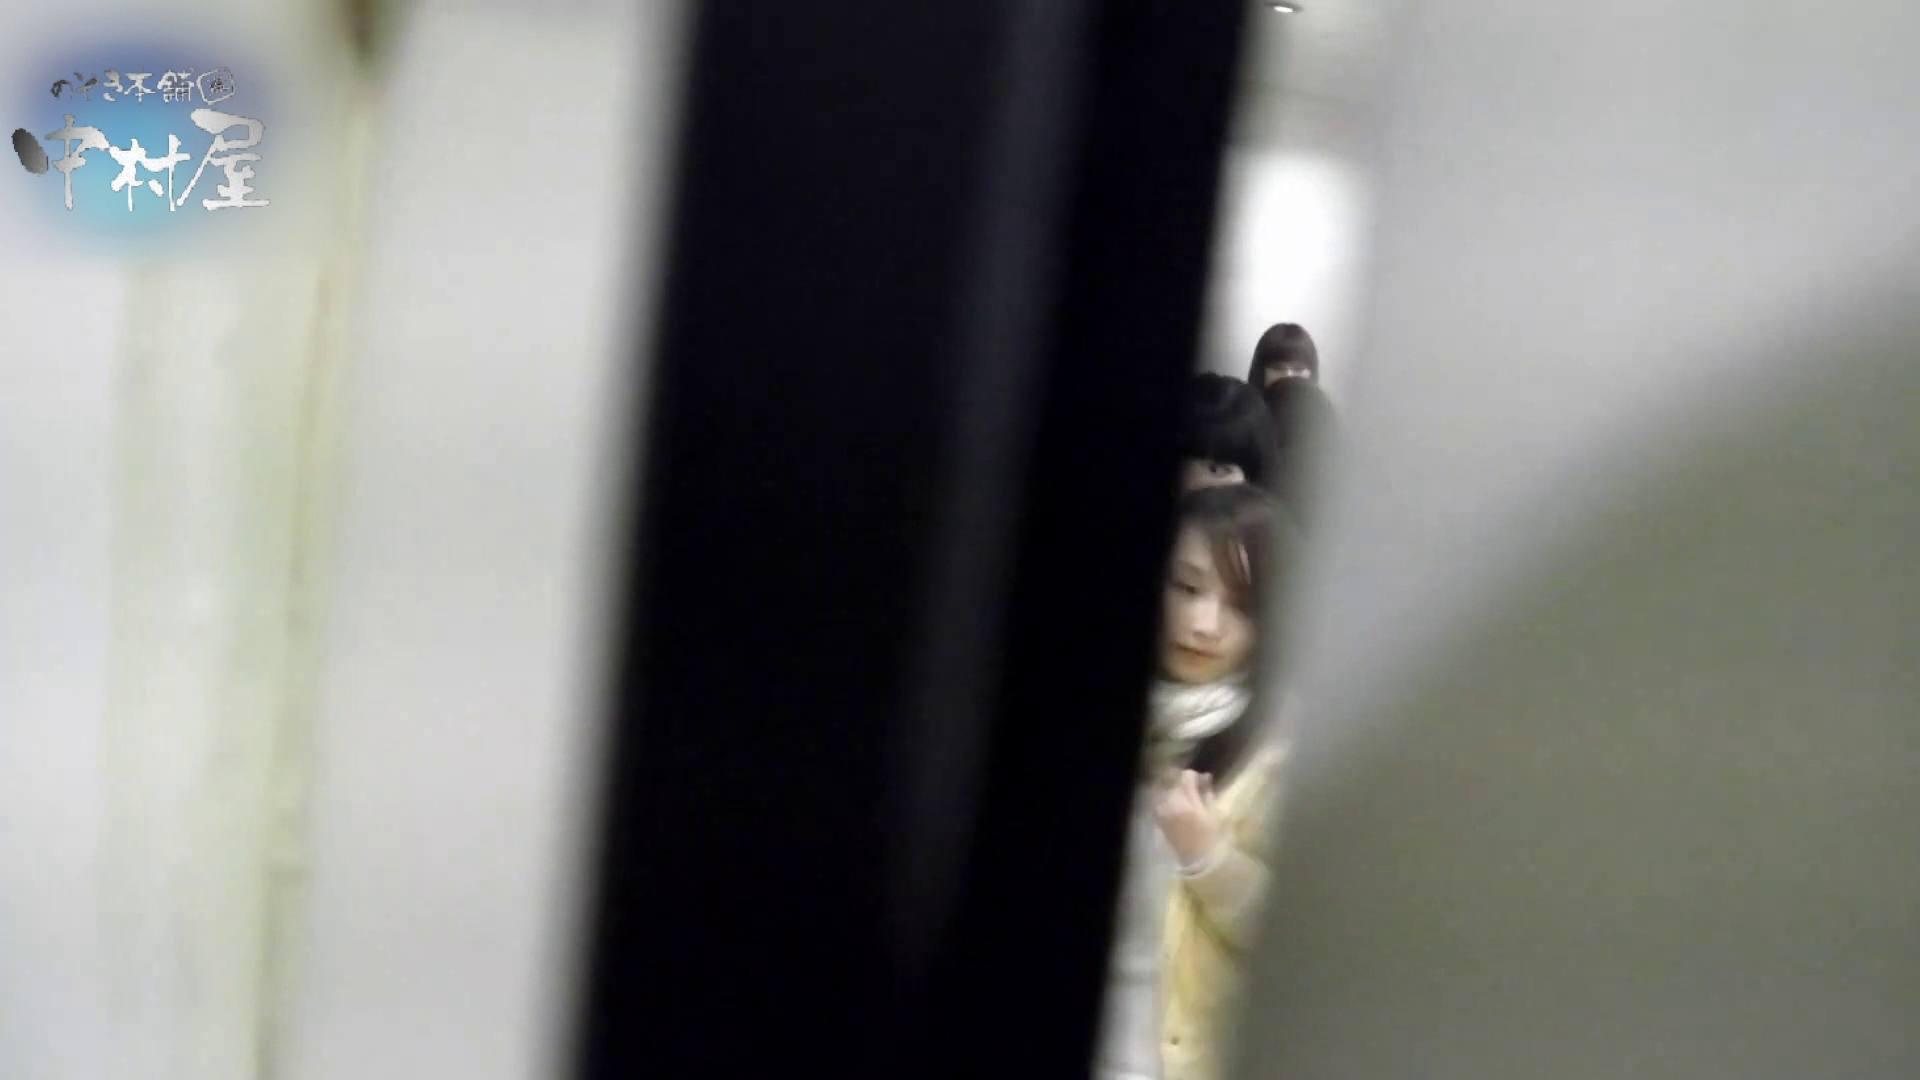 乙女集まる!ショッピングモール潜入撮vol.03 和式 | トイレ  63画像 1